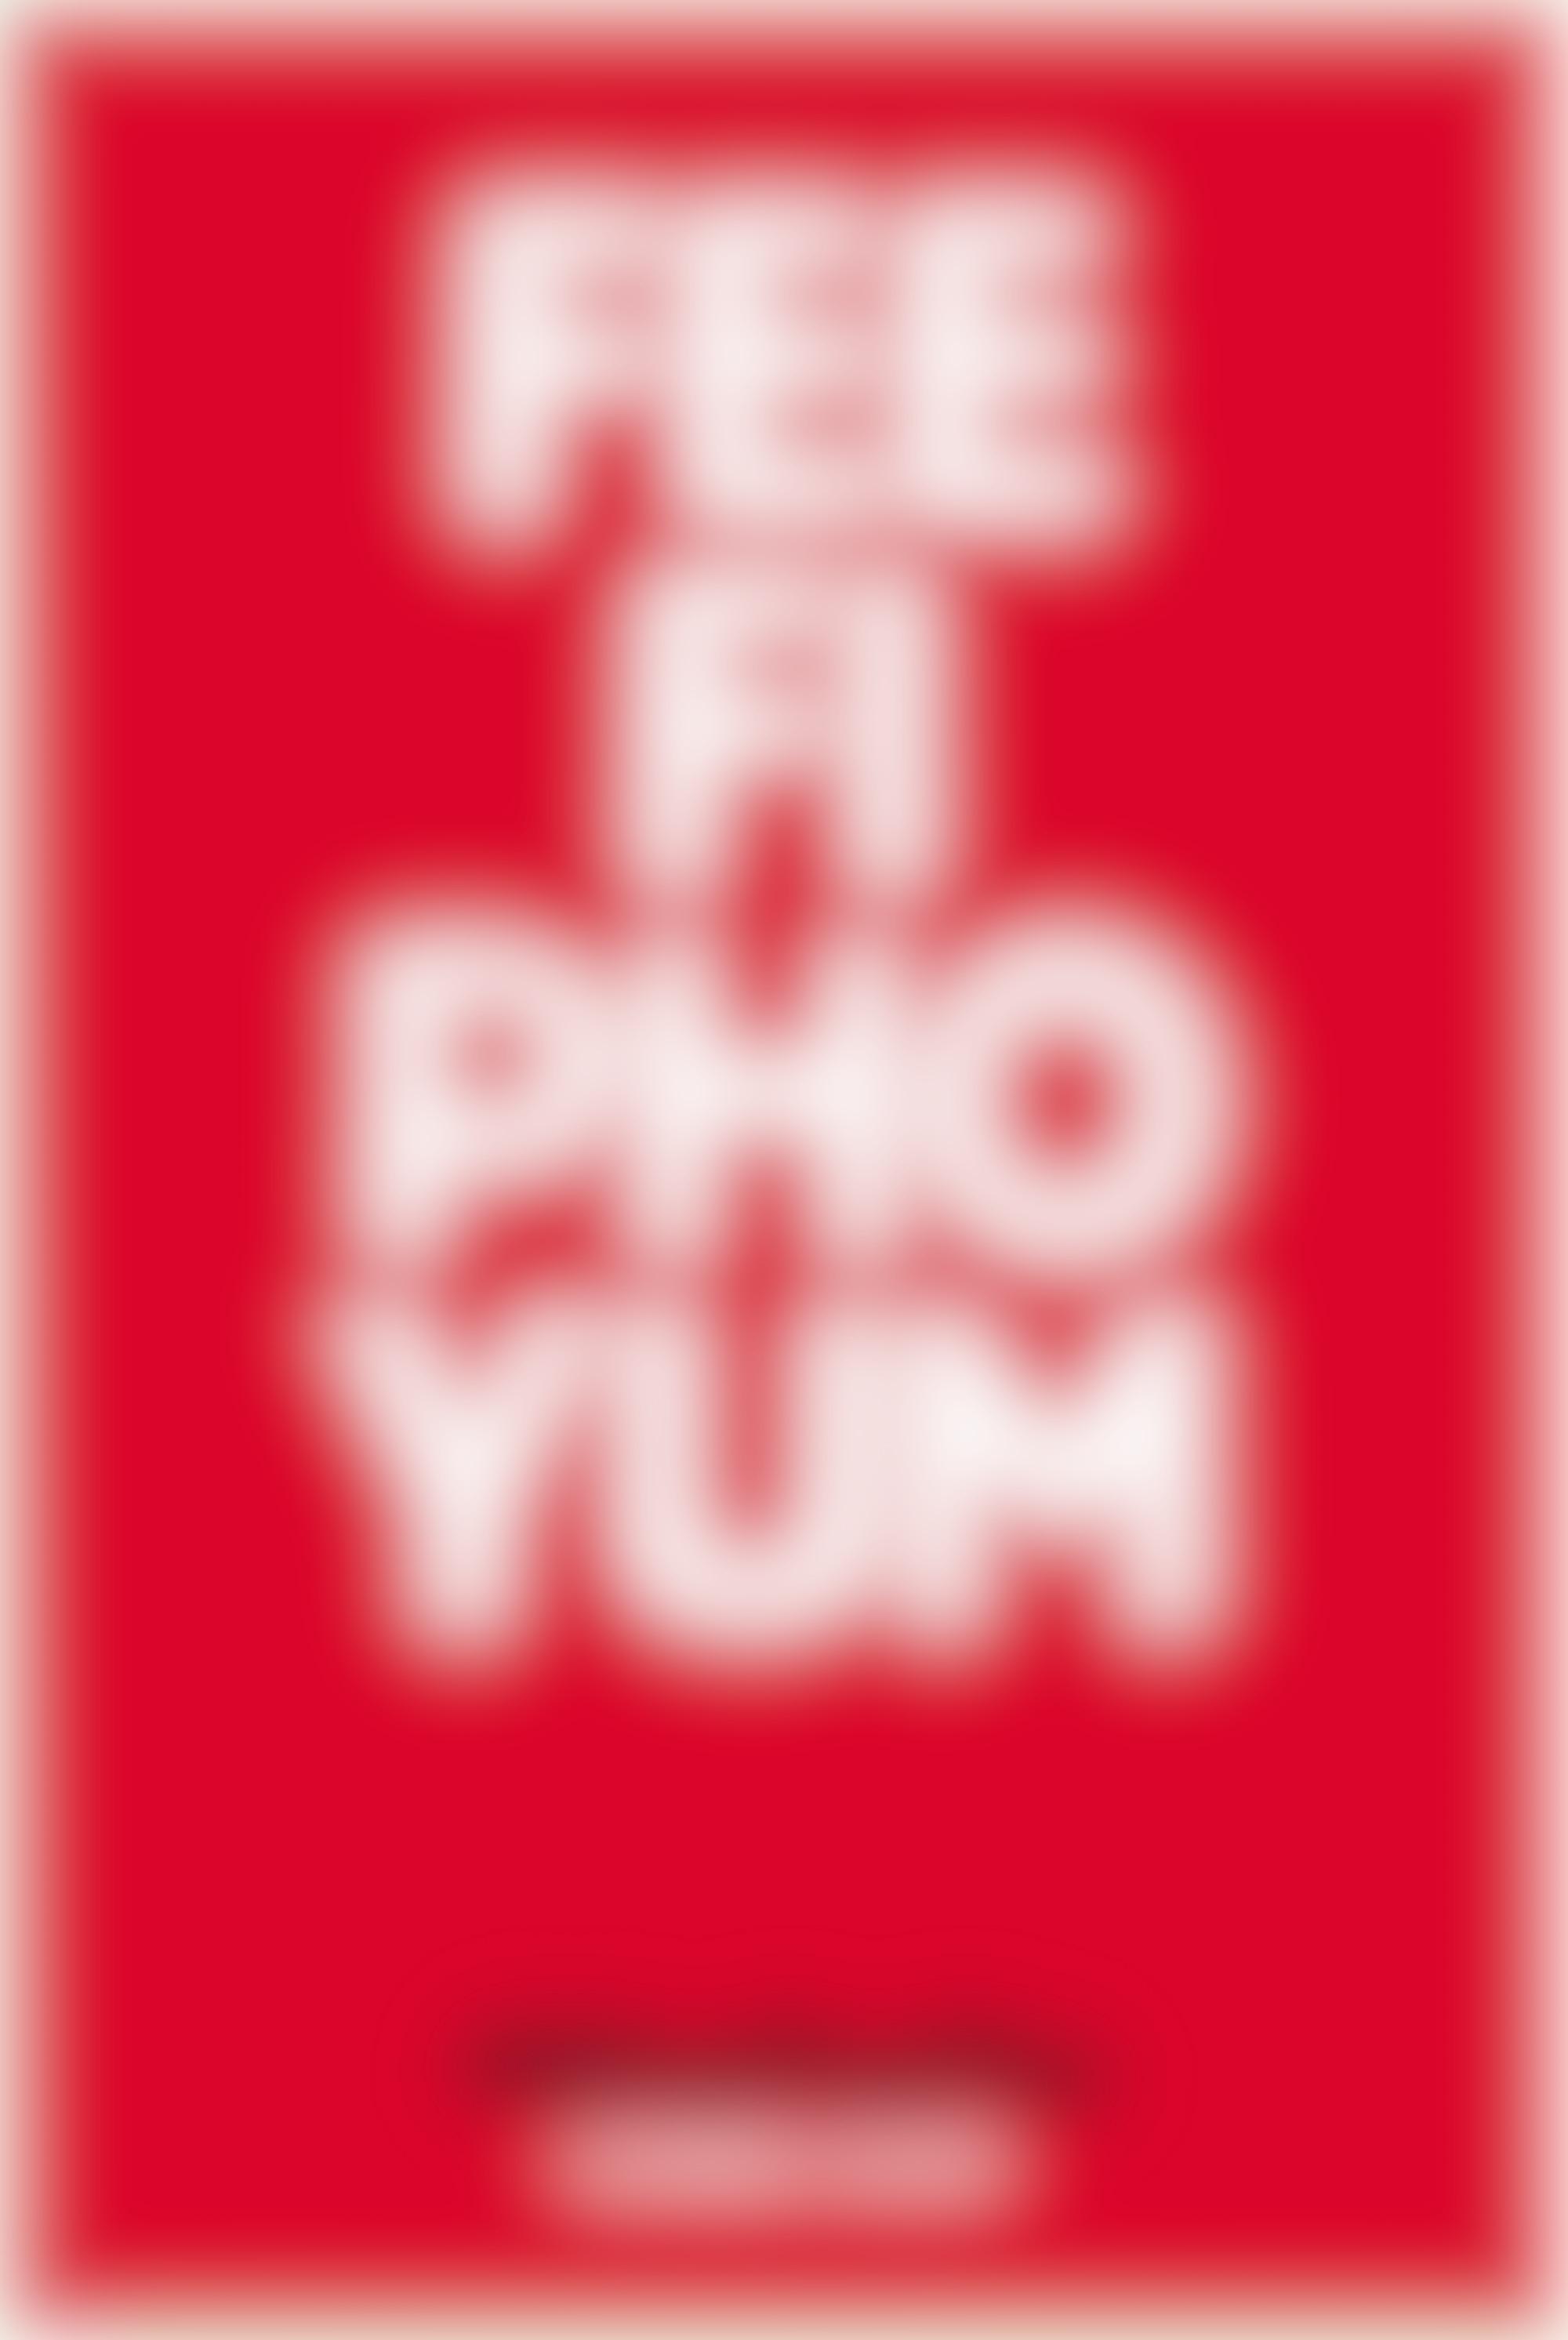 Music Pho01 autocompressfitresizeixlibphp 1 1 0max h2000max w3 D2000q80s4ed2db90416640b4b8a5d810d246b8f3